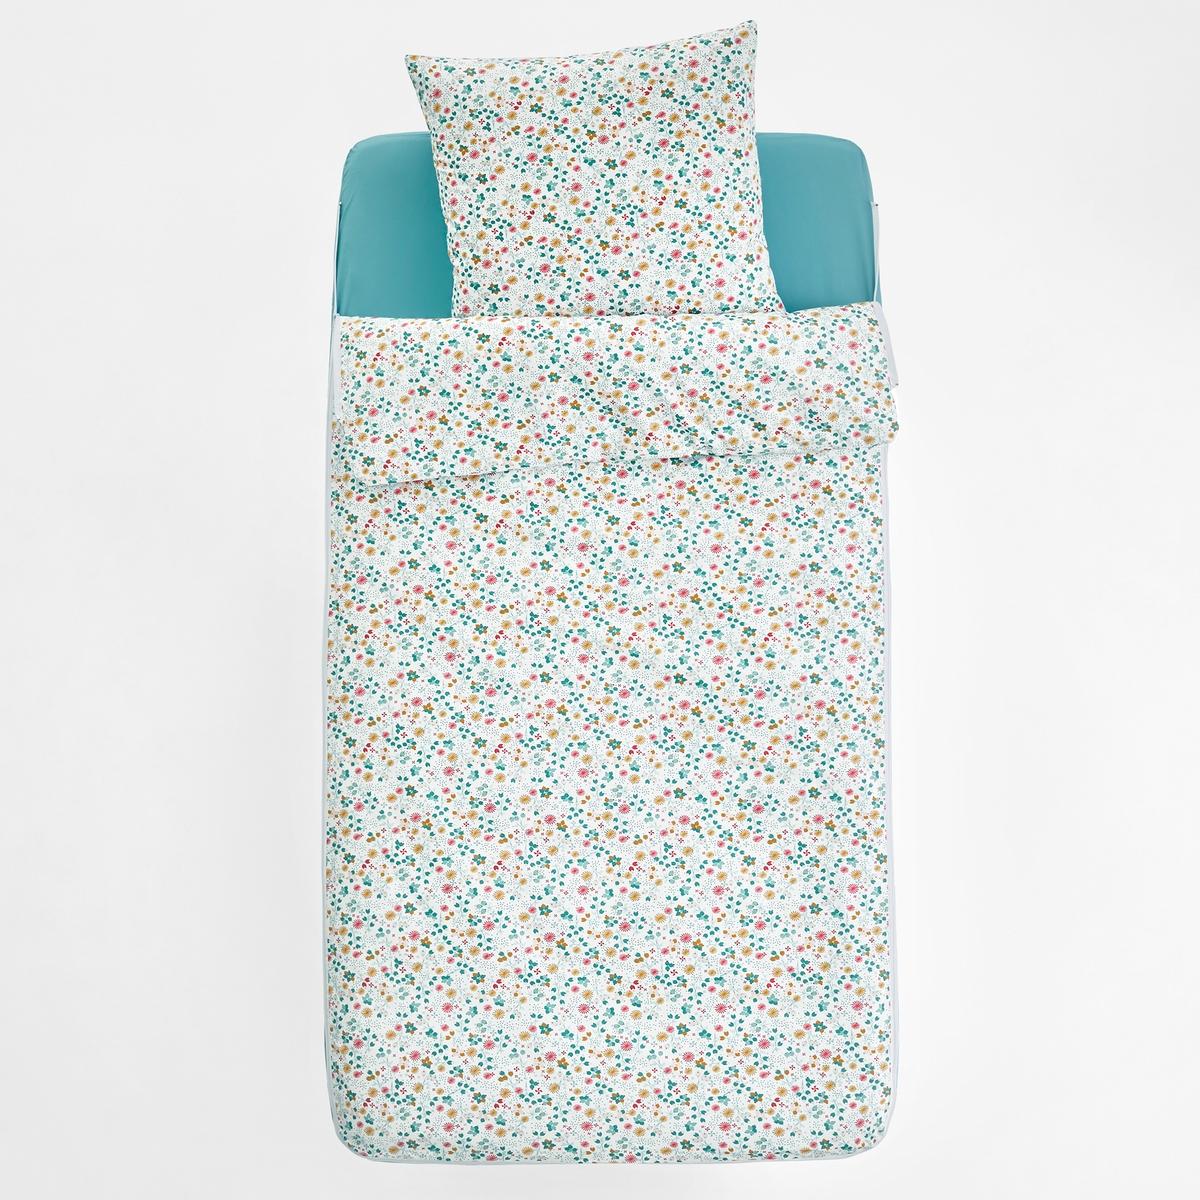 Постельный La Redoute Комплект без одеяла ILLONA 90 x 140 см разноцветный кровать la redoute douv 140 x 190 см серый